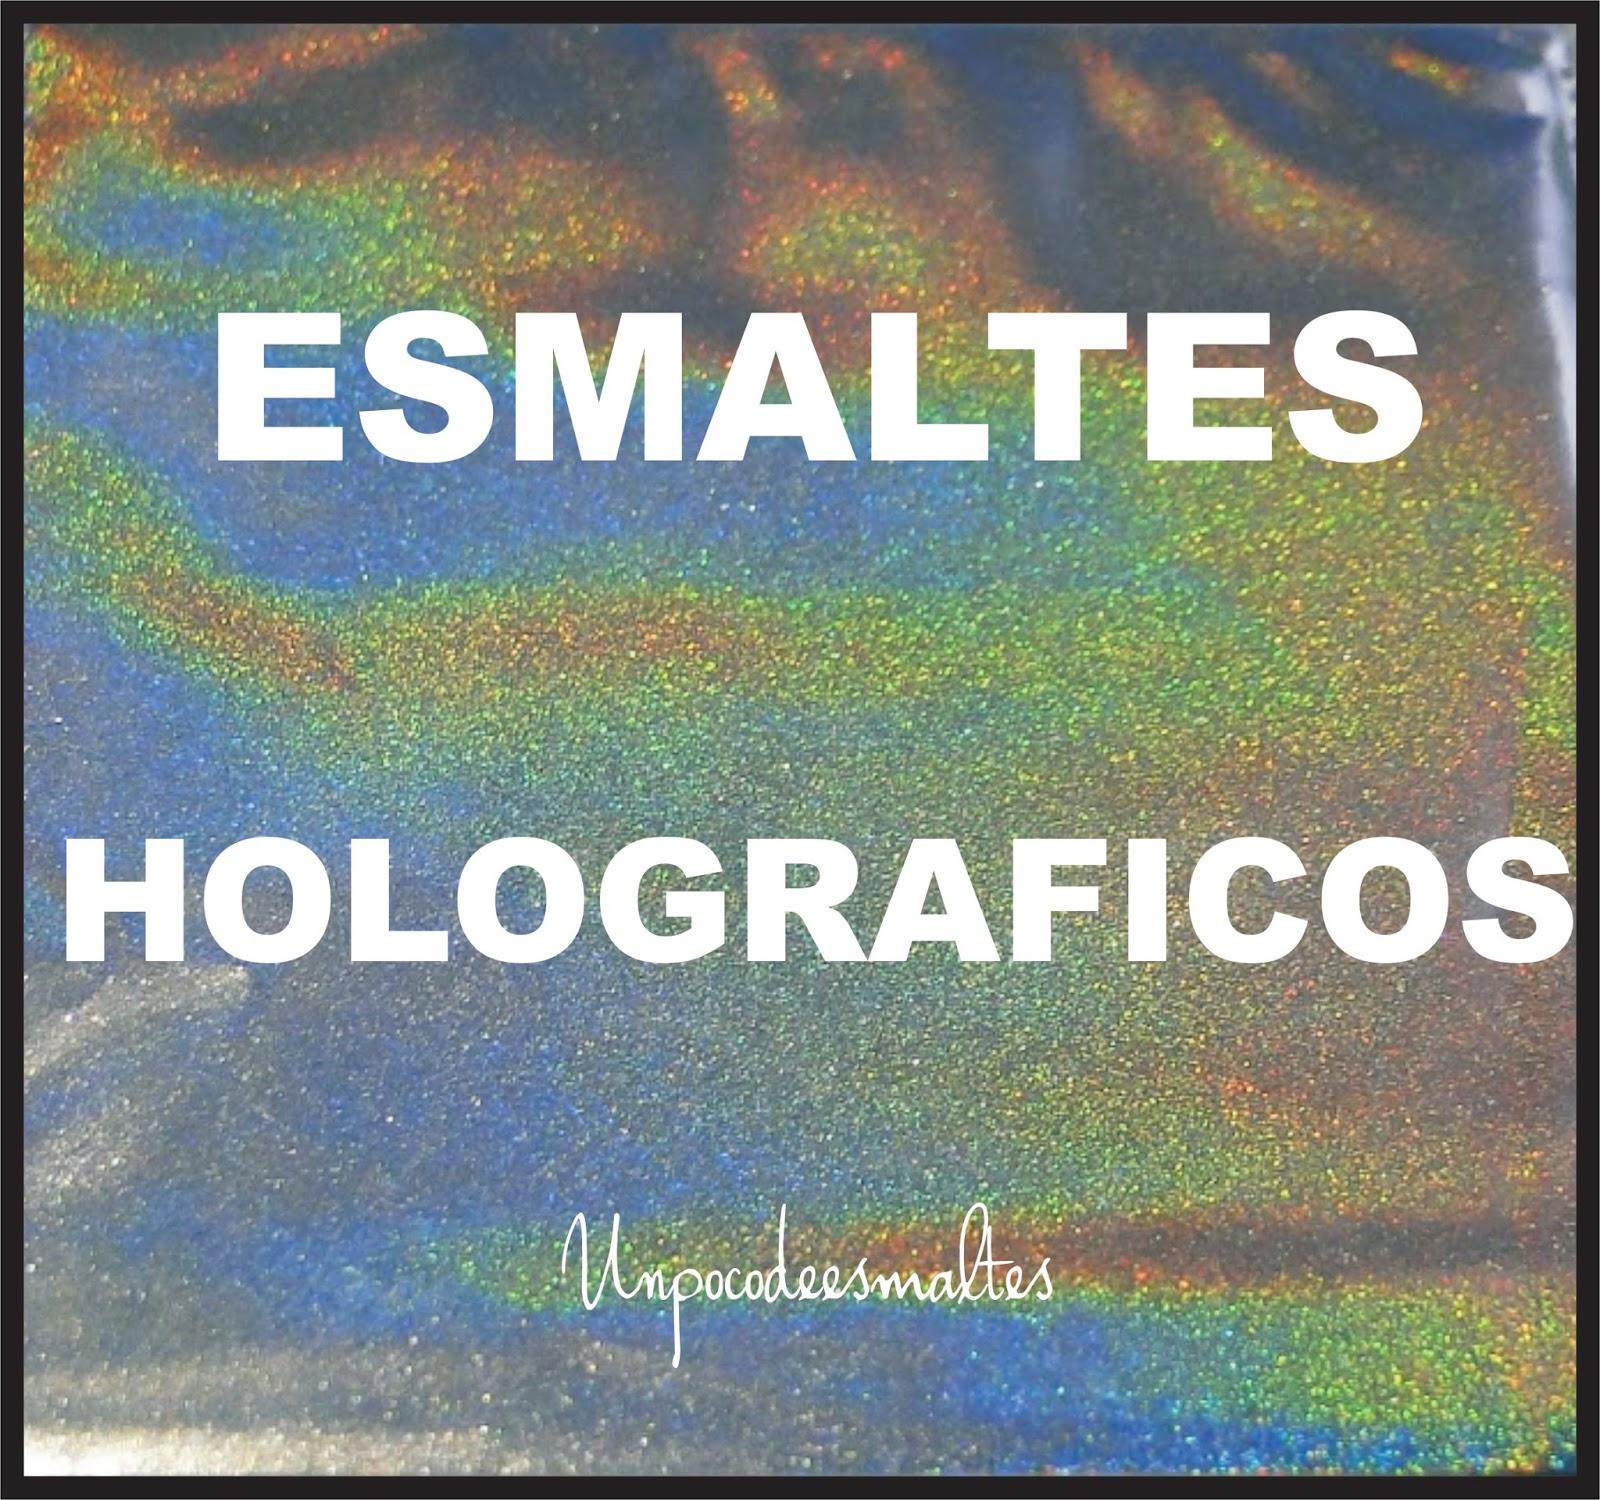 Un poco de esmaltes: ¿Como funciona un esmalte holográfico?